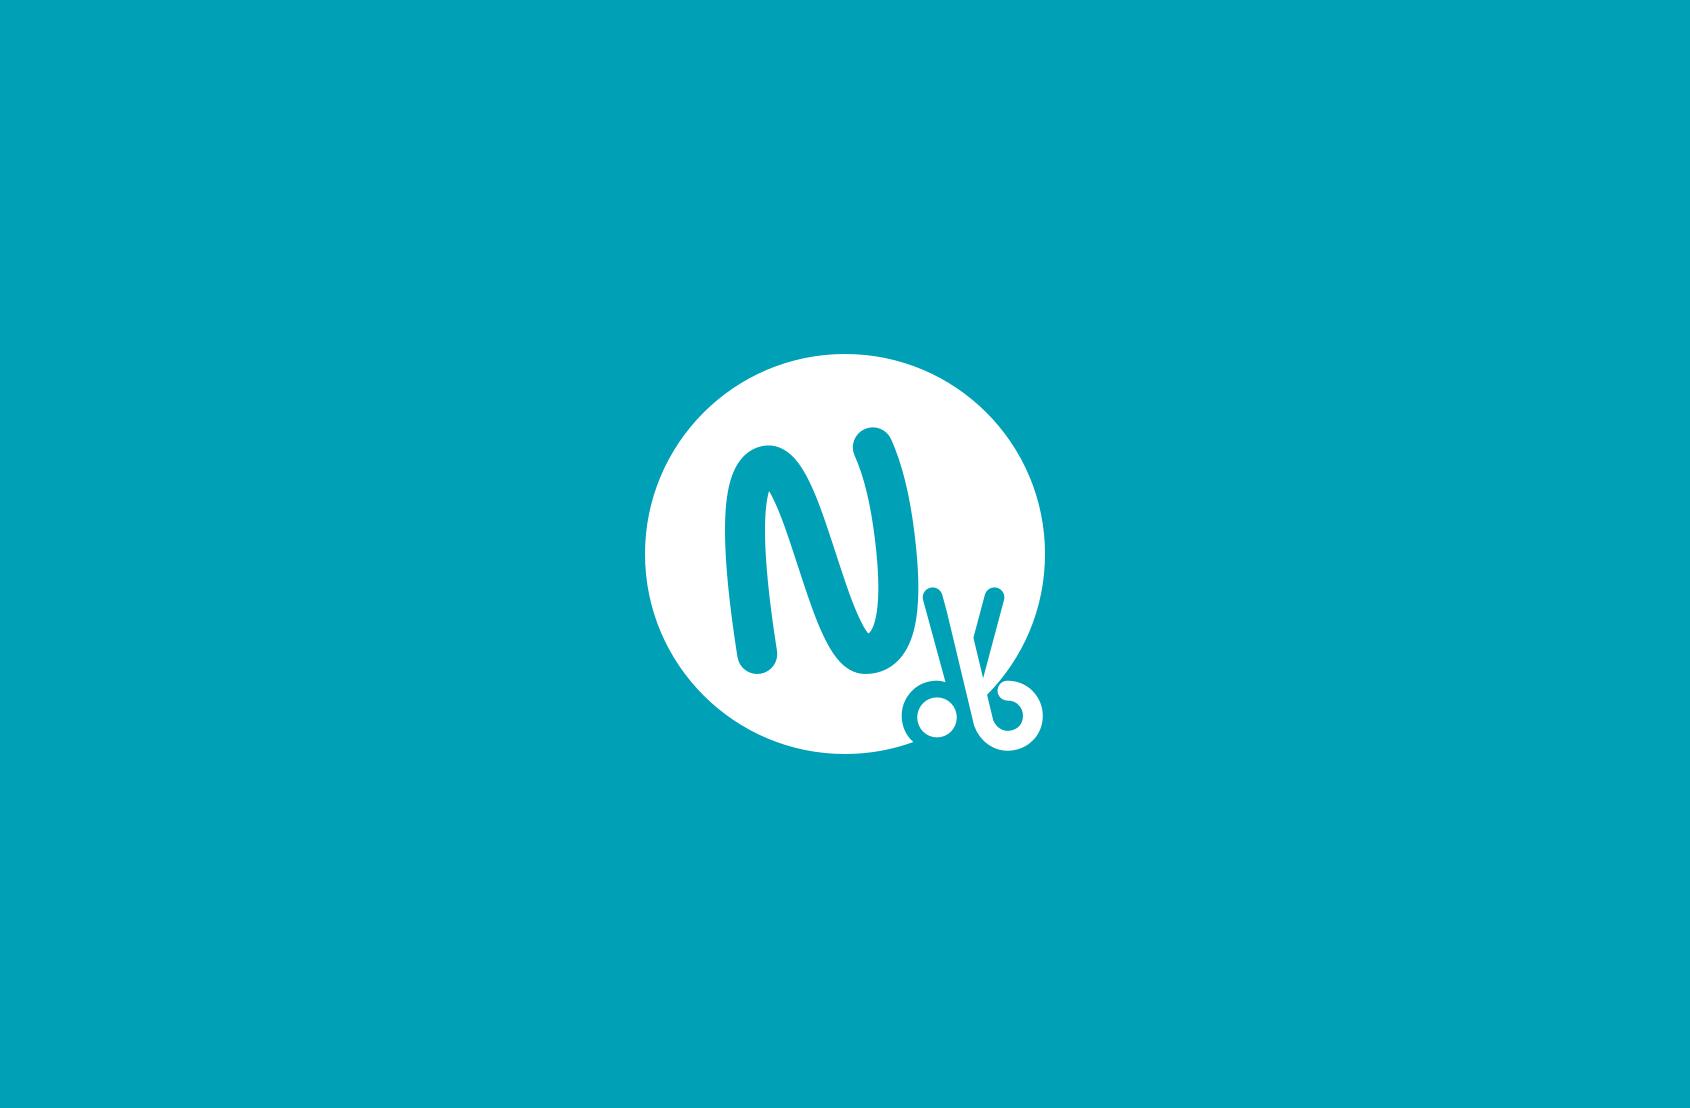 Nimbus Clipper short logo png